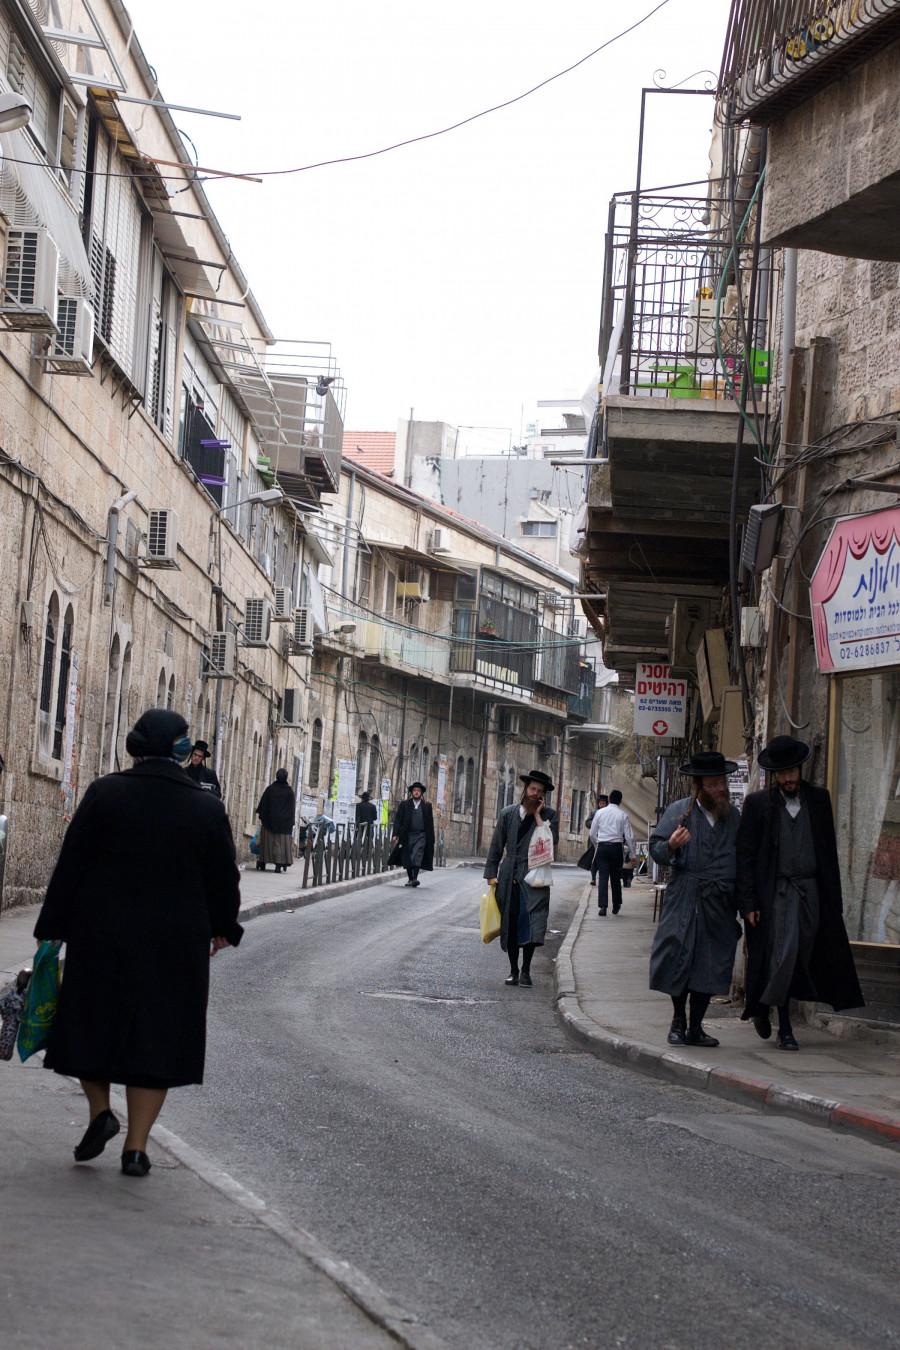 Ulice jsou stále z 19. století